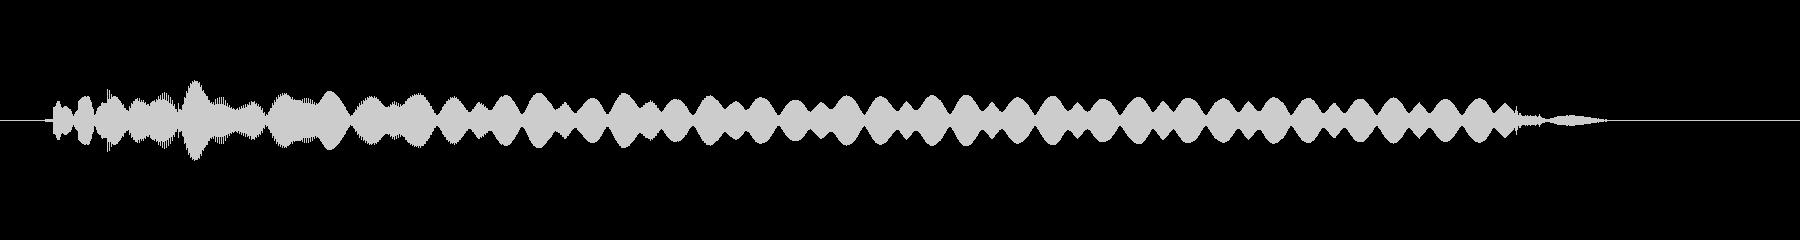 フランジ付きエレキギターハーモニッ...の未再生の波形